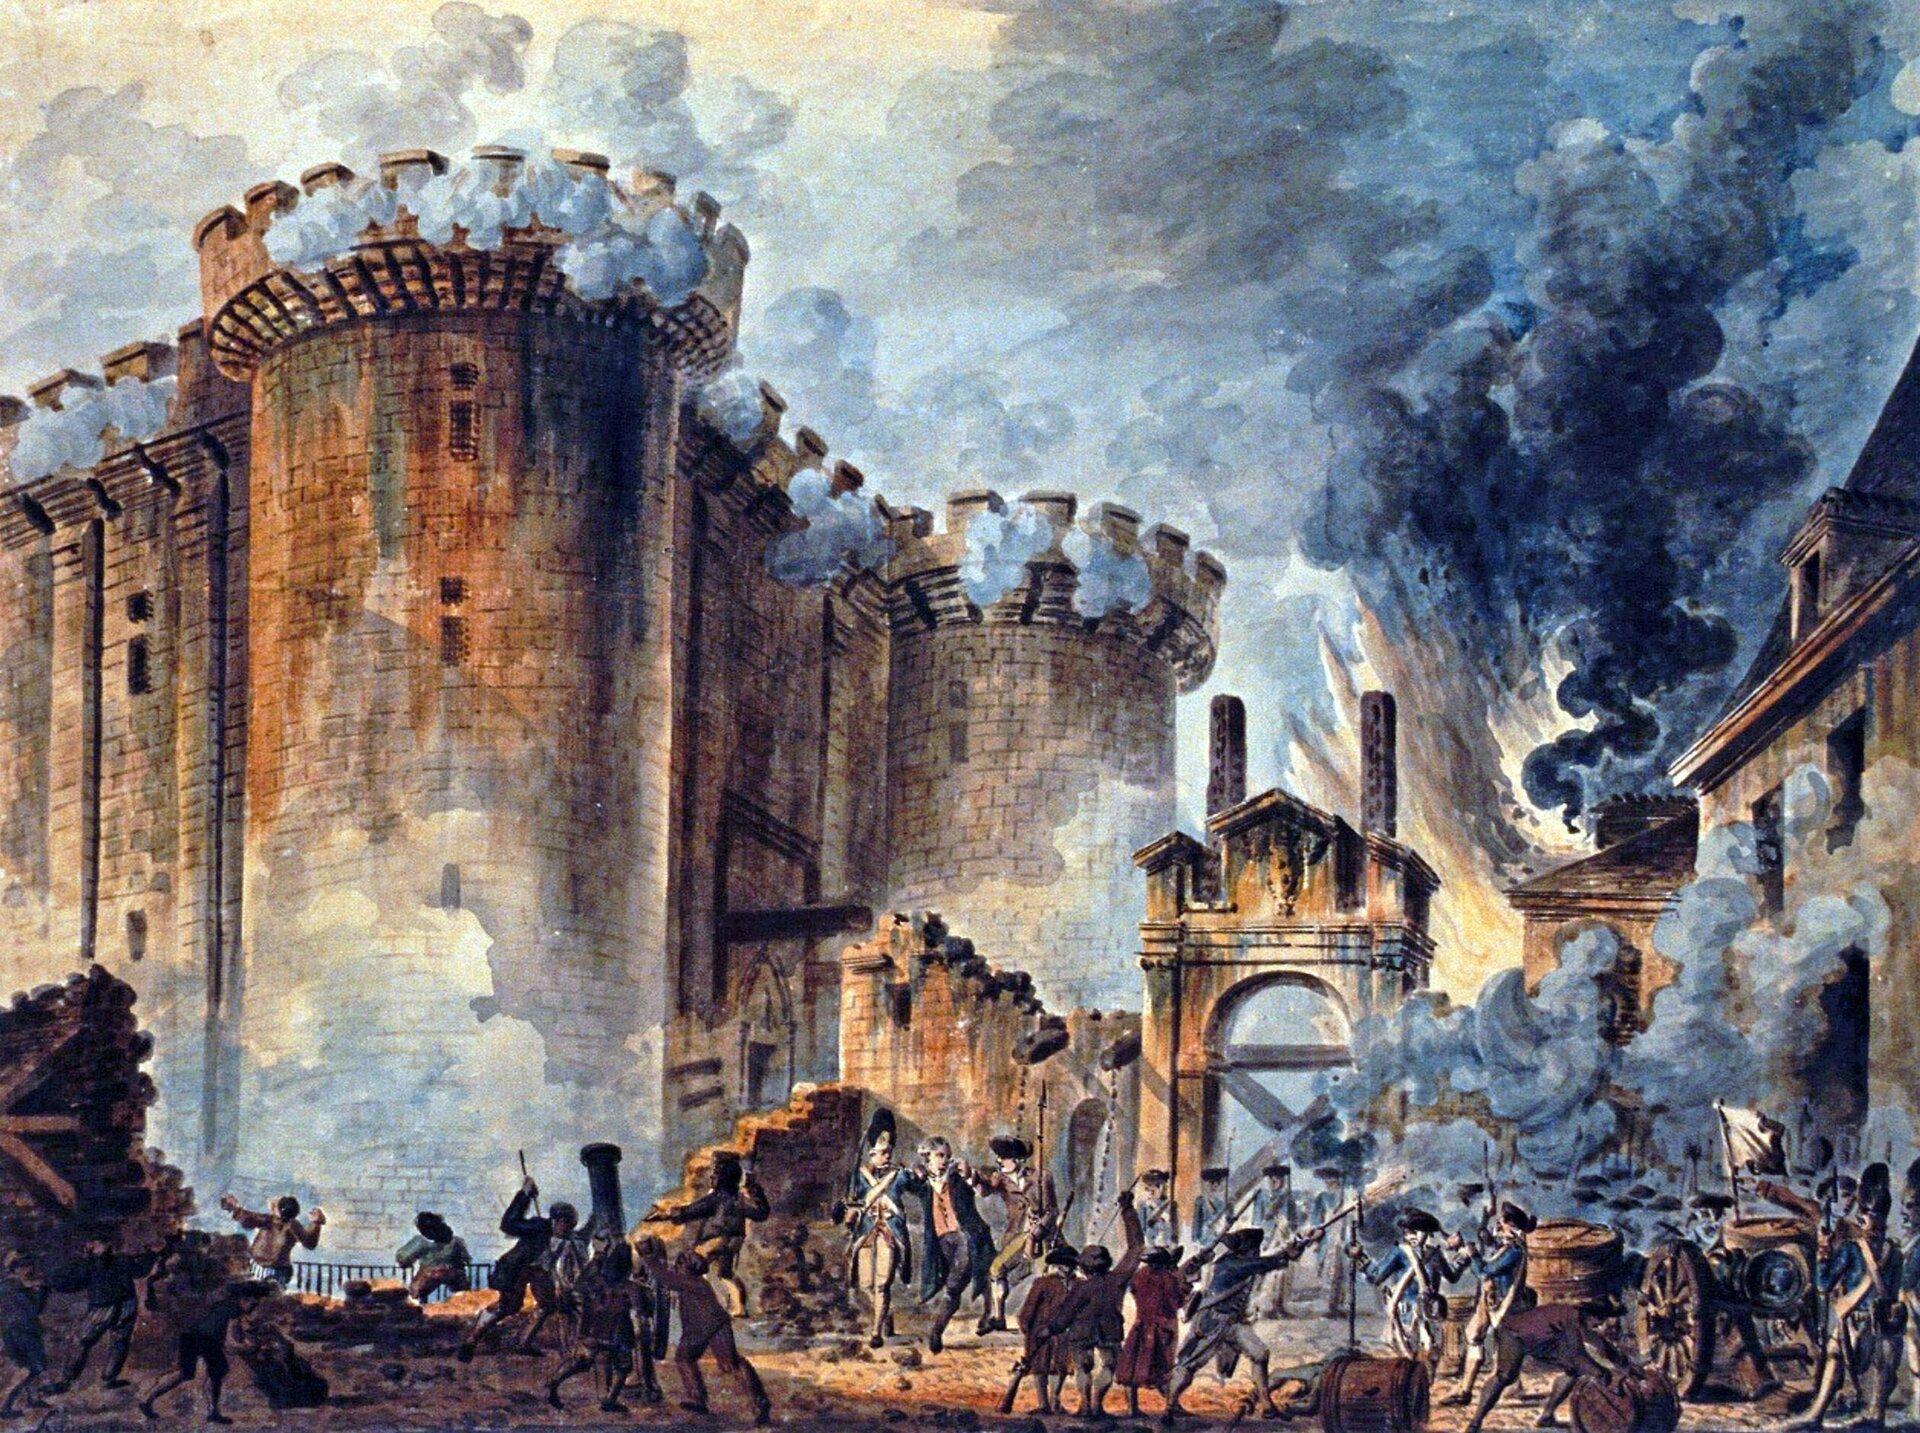 Zburzenie Bastylii Bastylia była zamkiem zamienionym wciężkie więzienie; wyzwolenie (zaledwie kilku) więźniów stało się symbolicznym rozpoczęciem WielkiejRewolucji Francuskiej. Źródło: Jean-Pierre Houël, Zburzenie Bastylii, 1789, akwarela, Biblioteka Narodowa Francji, domena publiczna.